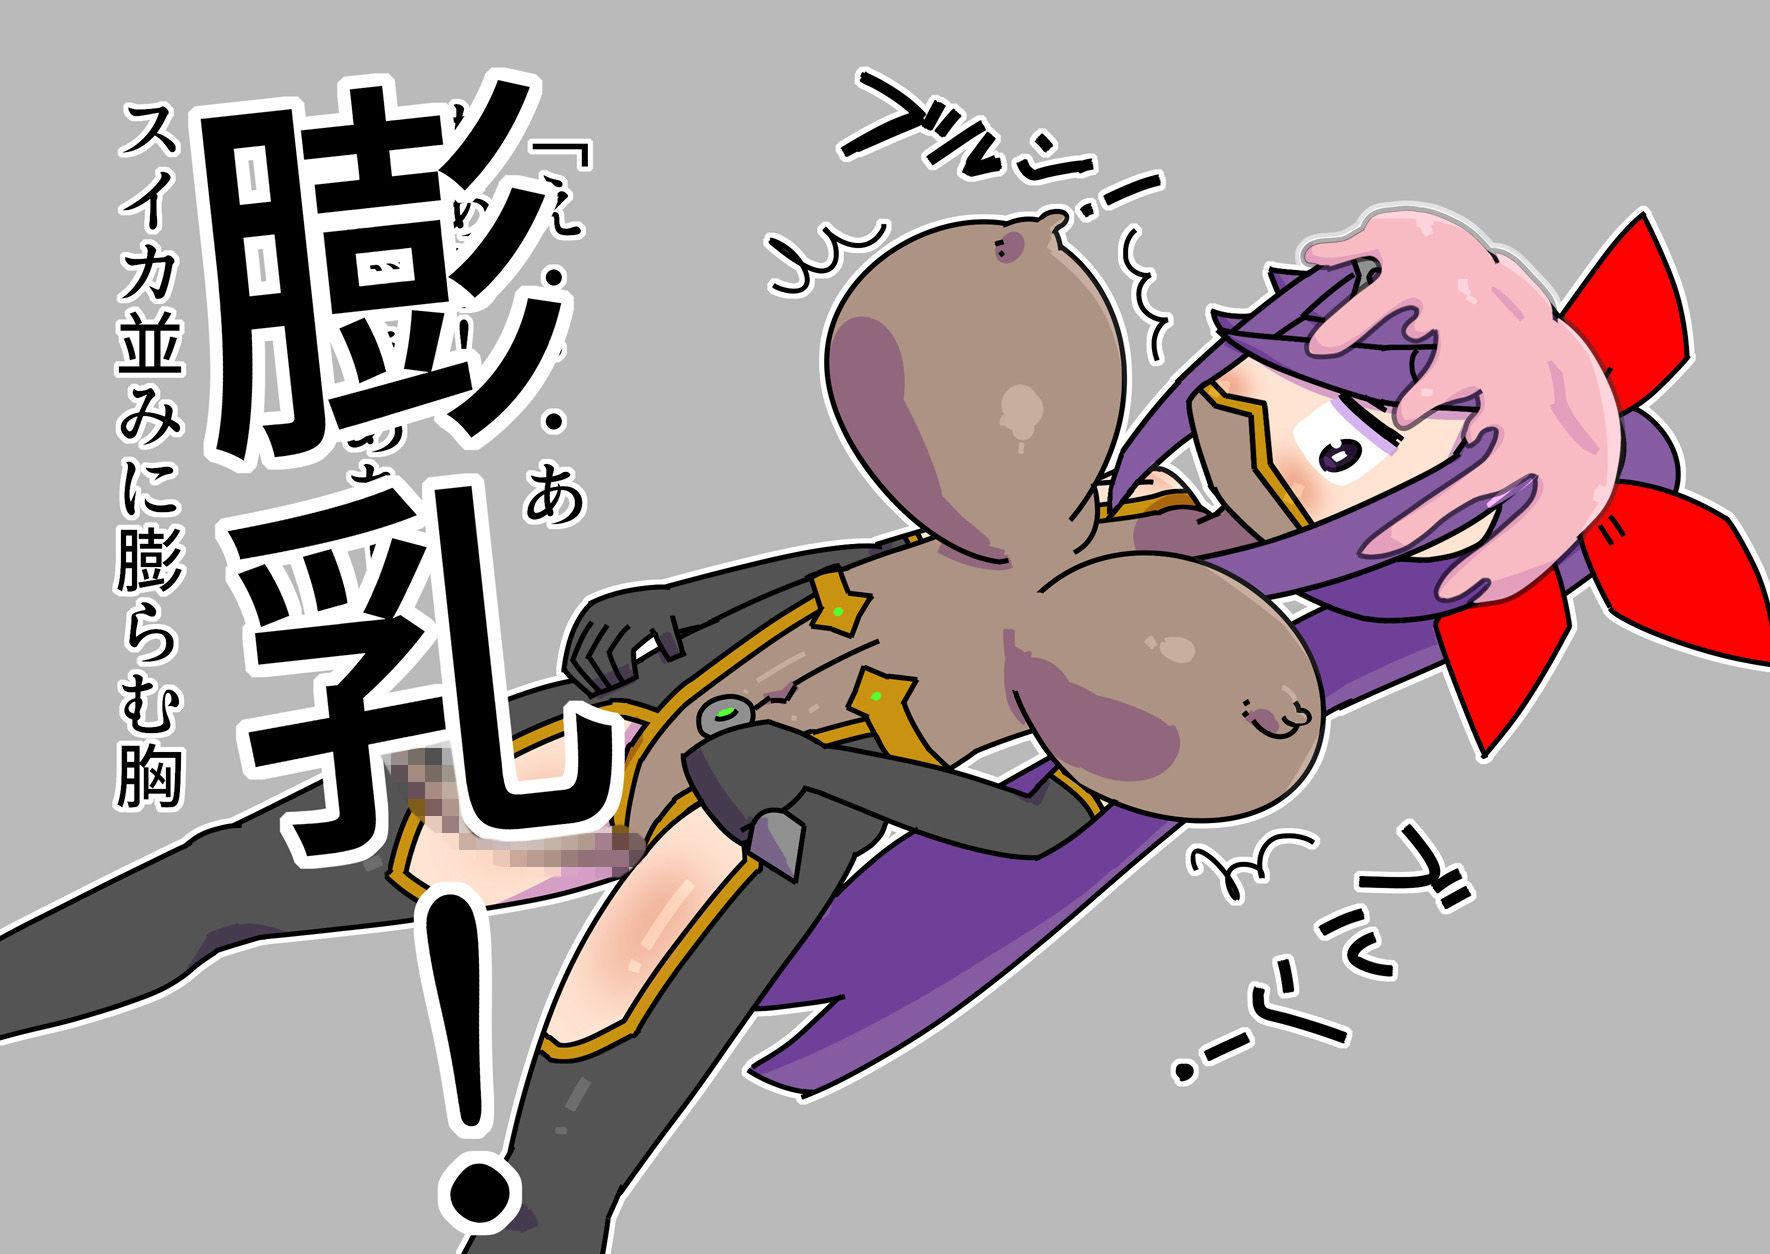 魔法少女シアナスアヤメがマラ頭巾化するCG集